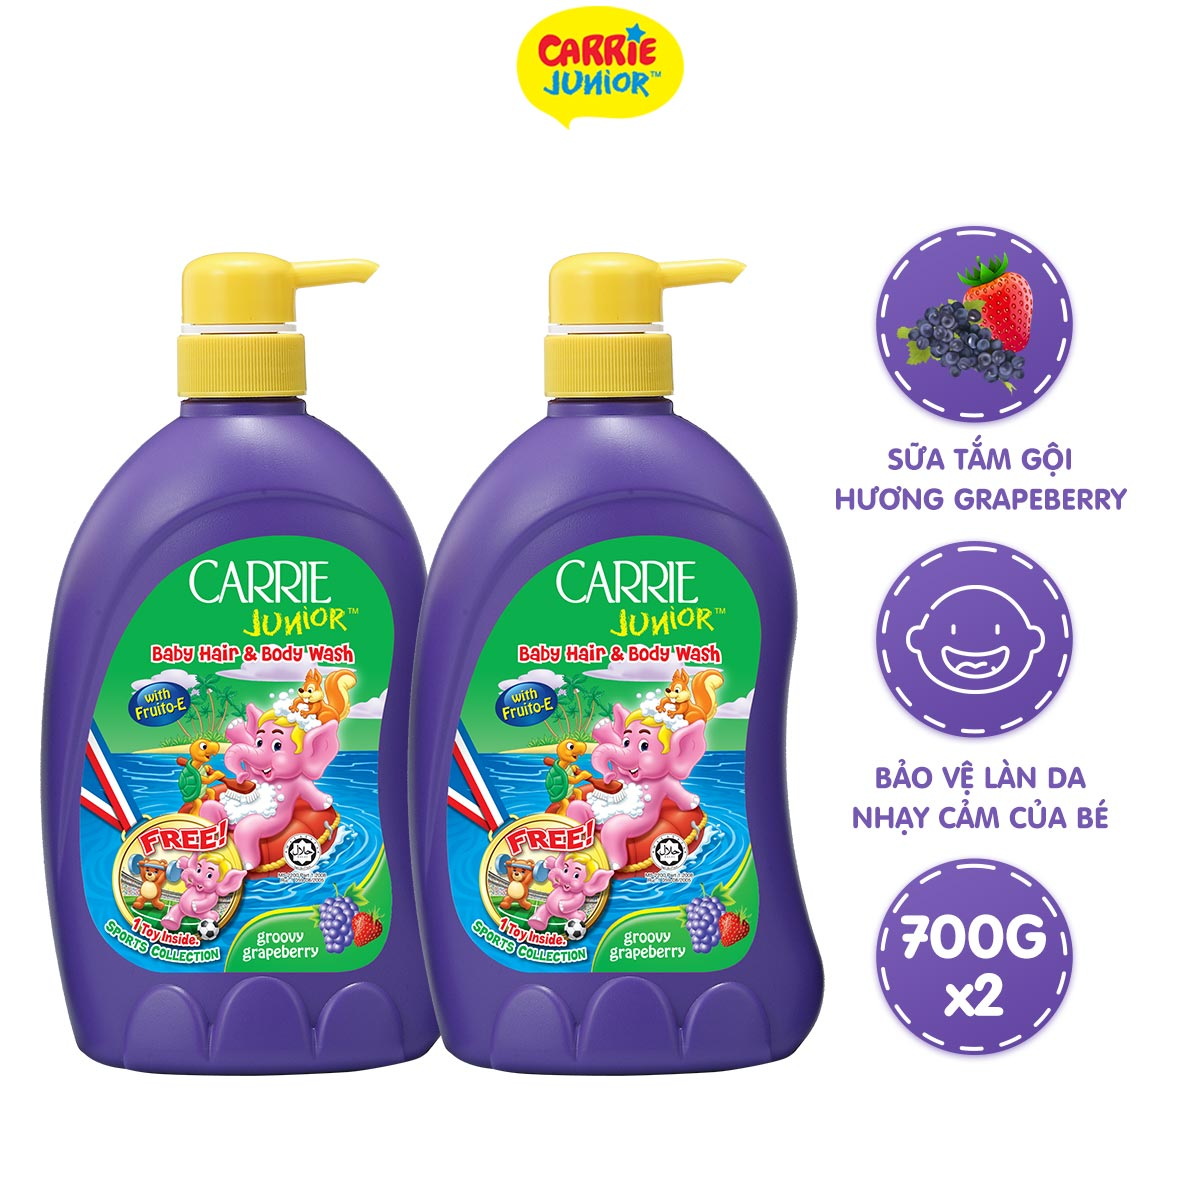 Combo 2 Sữa Tắm Gội cho bé Carrie Junior Hương Grapeberry (700g/chai)